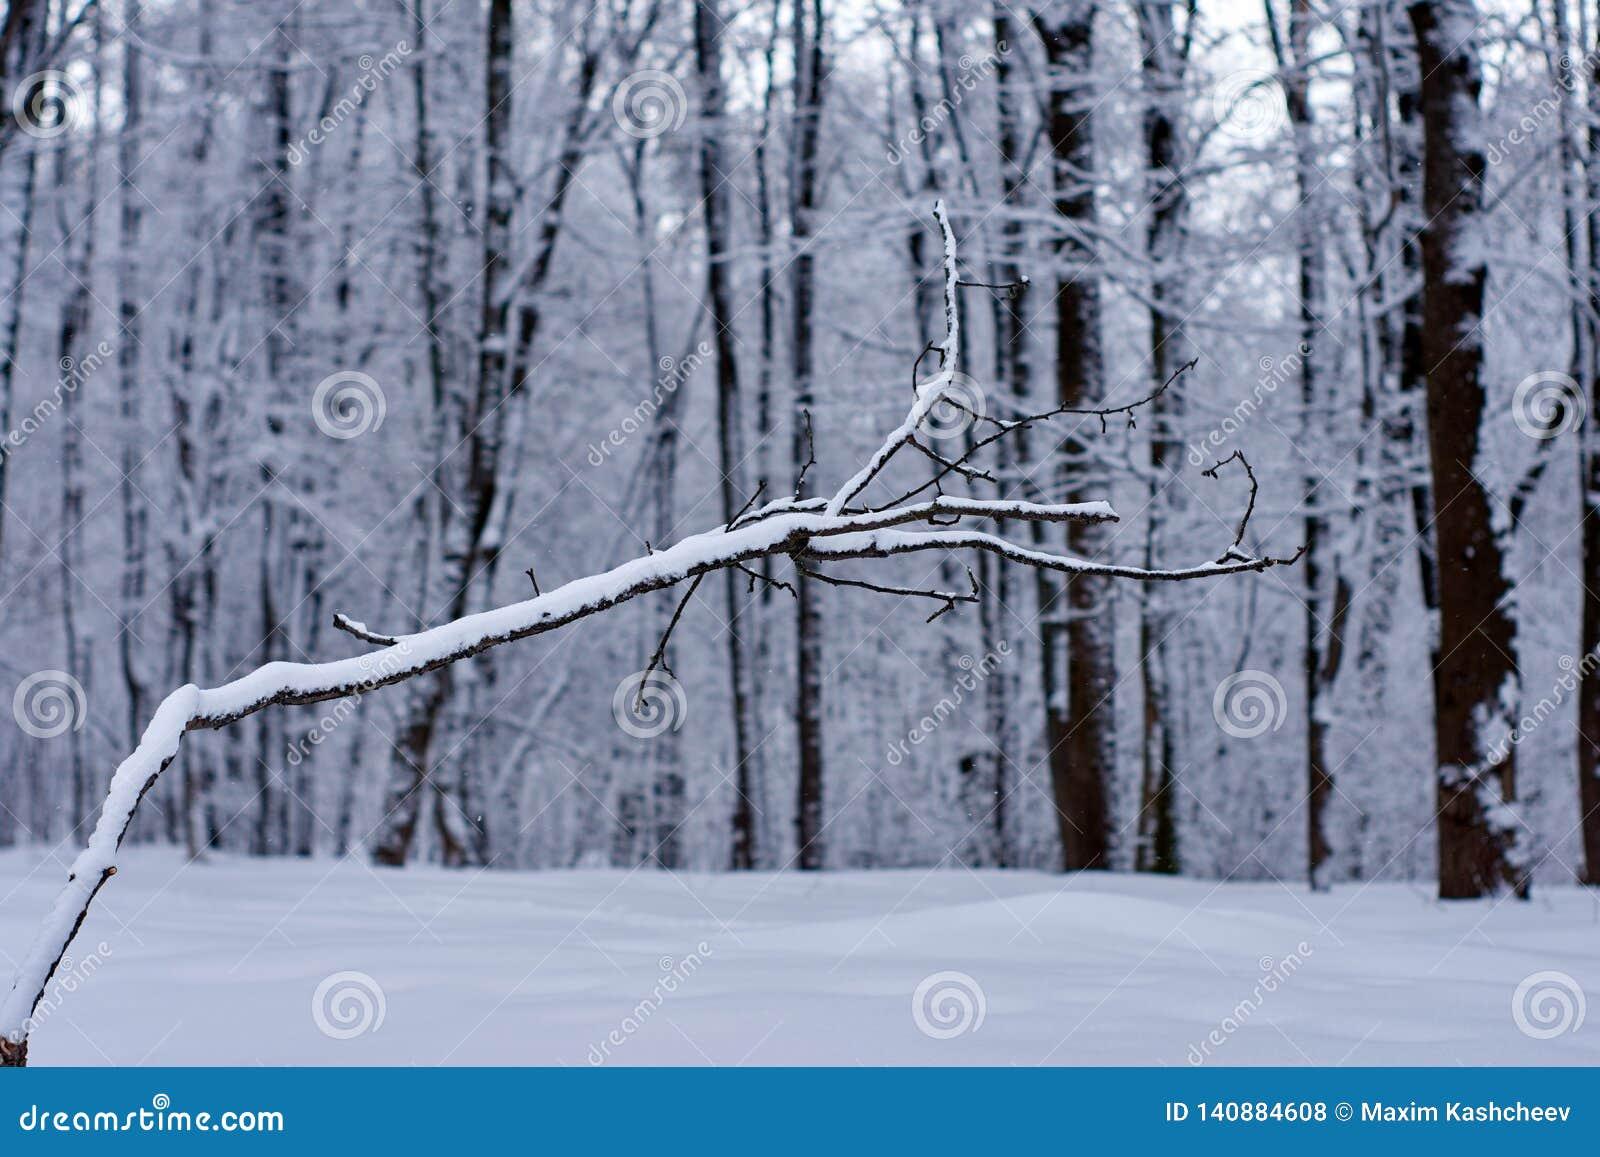 Ein bloßer blattloser Baum mit einer interessanten Form in einer Winterwaldlandschaft